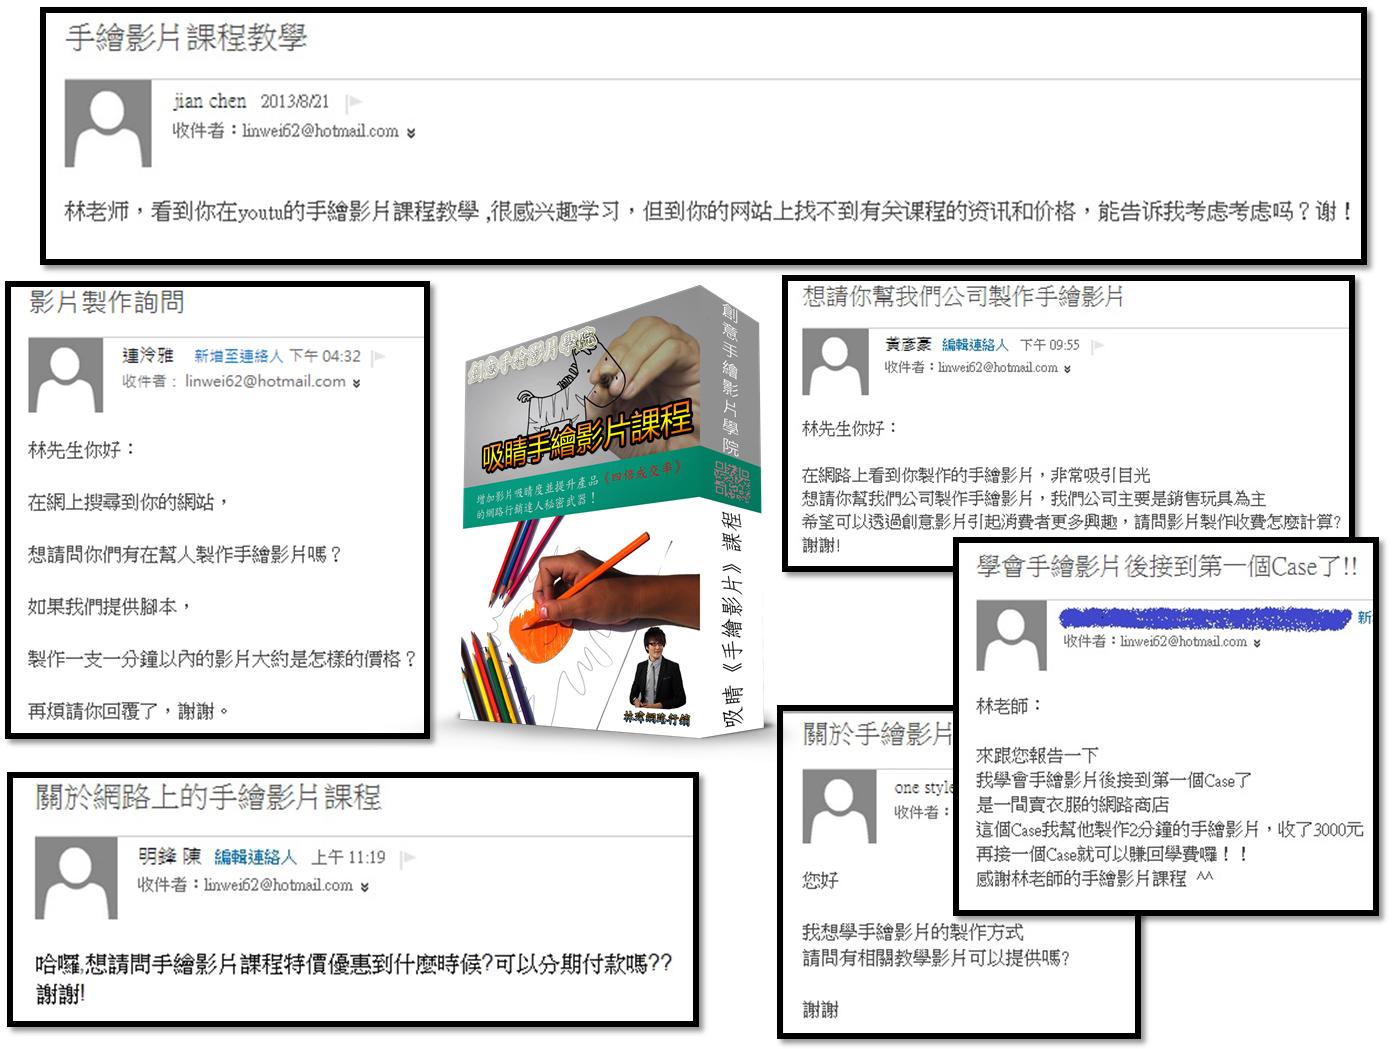 林瑋網路行銷課程 - 創意手繪影片詢問證明截圖